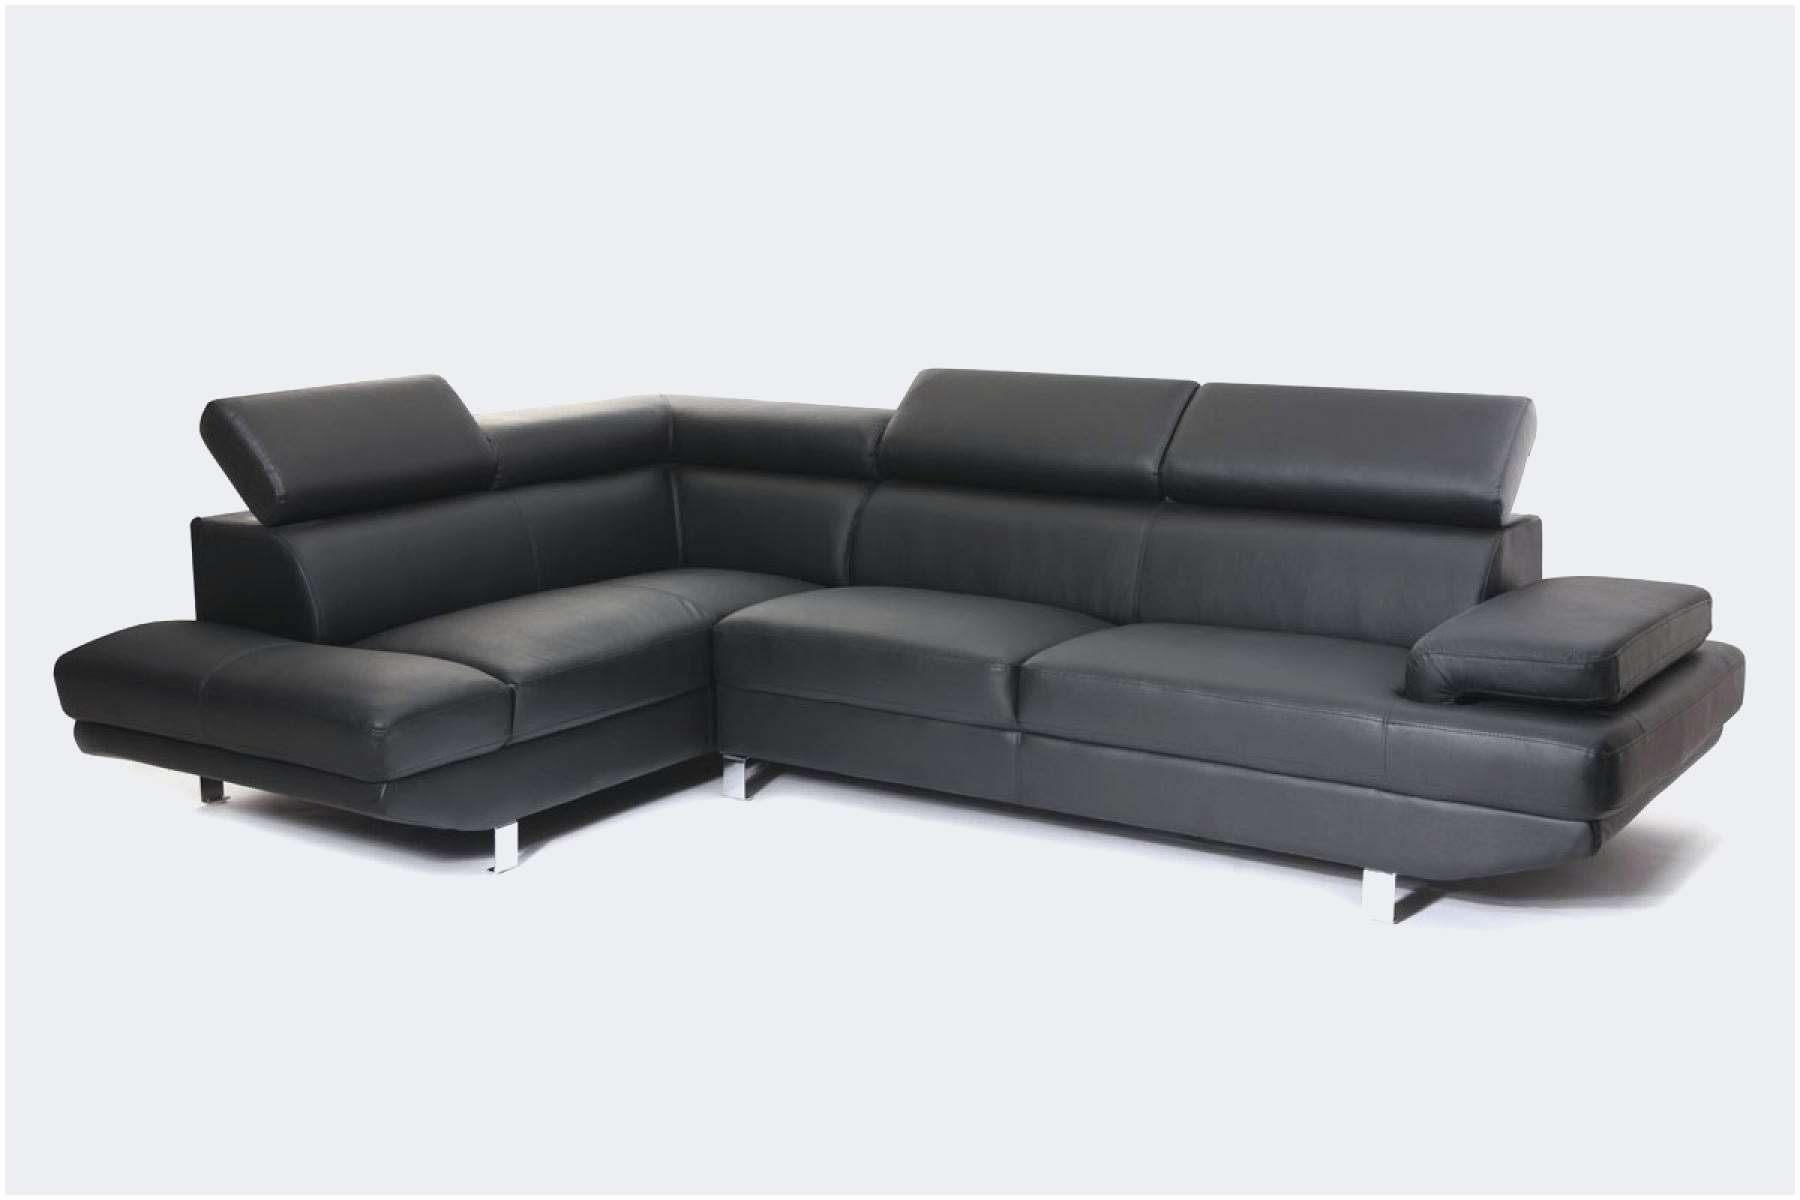 Meilleur Canapé Lit Le Luxe 65 Housse Canapé 3 Places Ikea Idee Jongor4hire